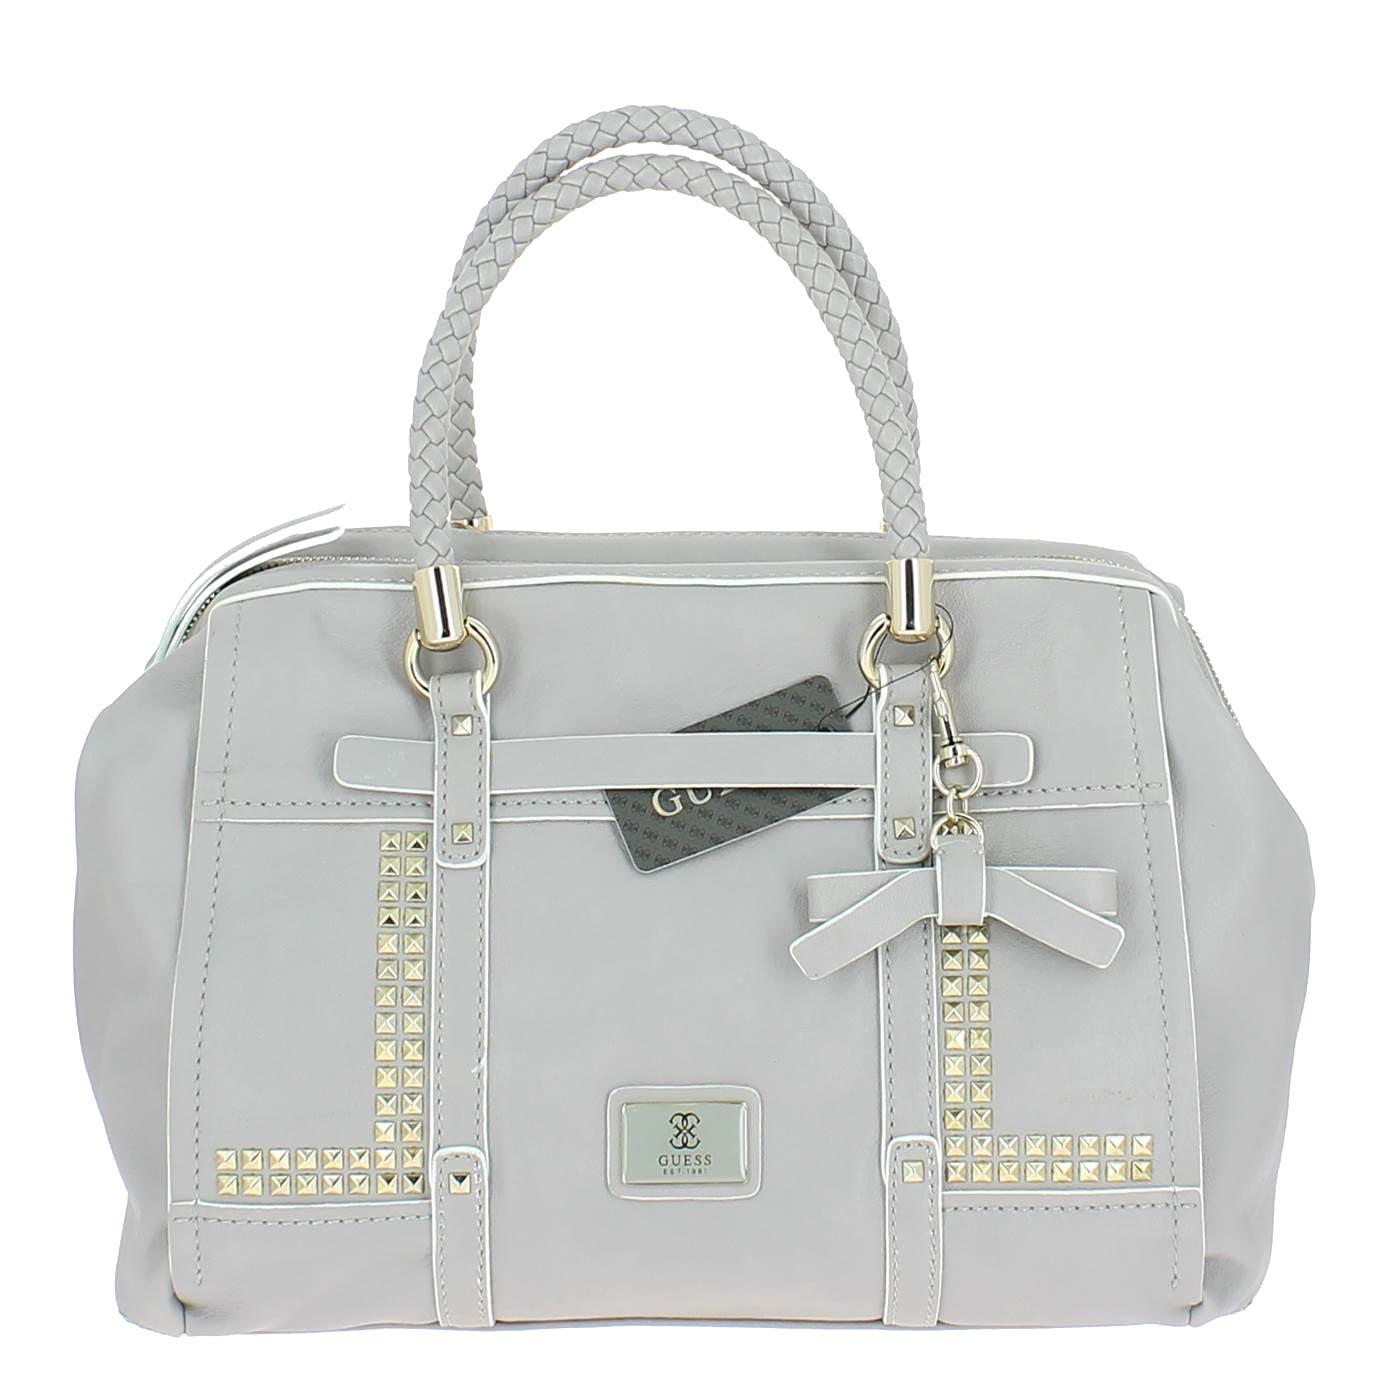 Cromia borse prezzi 2016